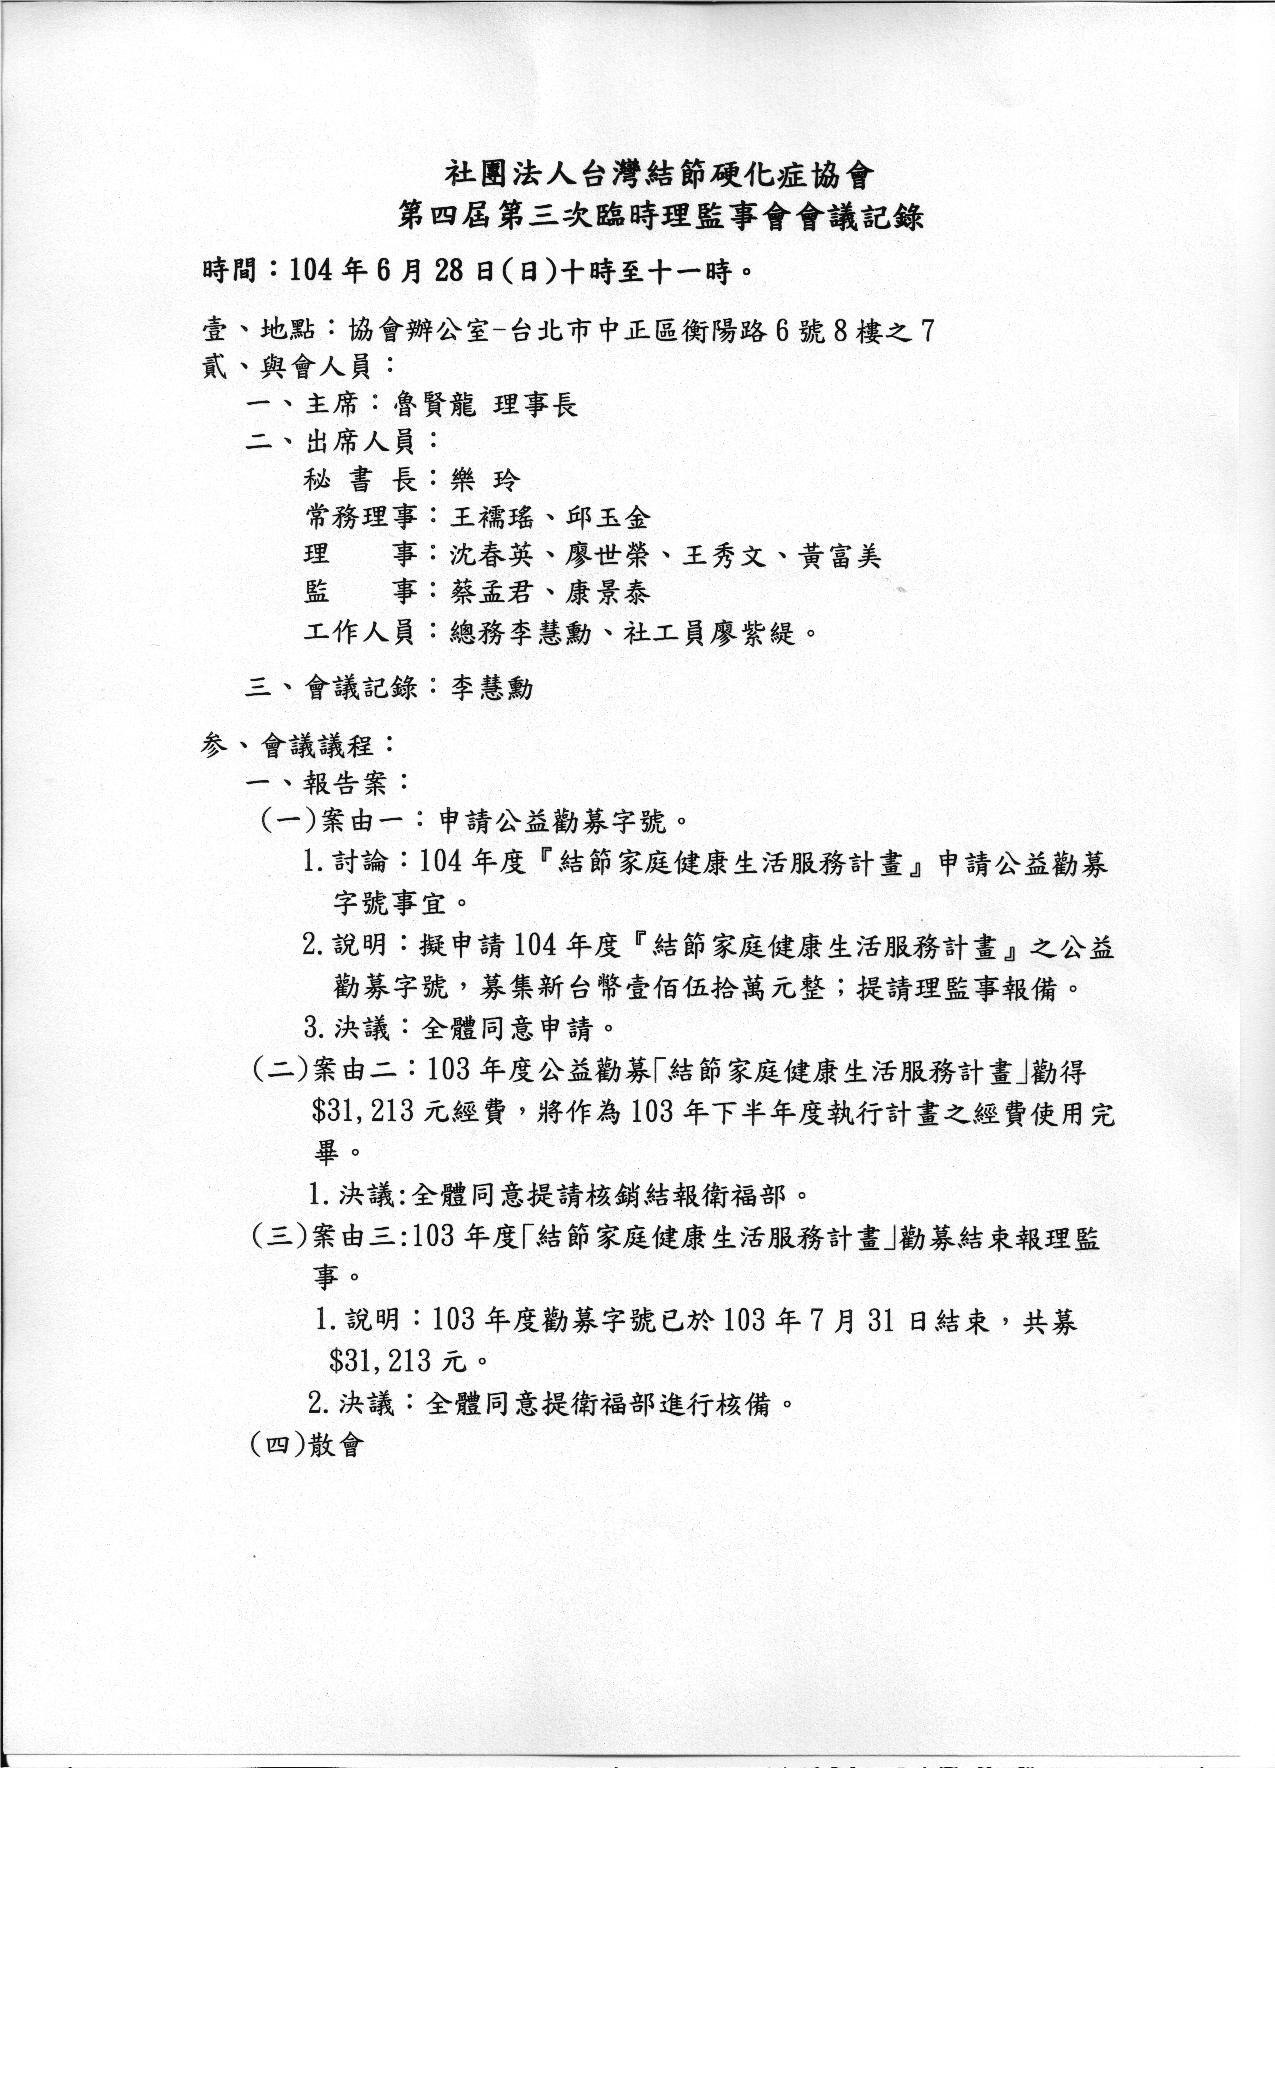 第四屆第三次臨時理監事會議記錄